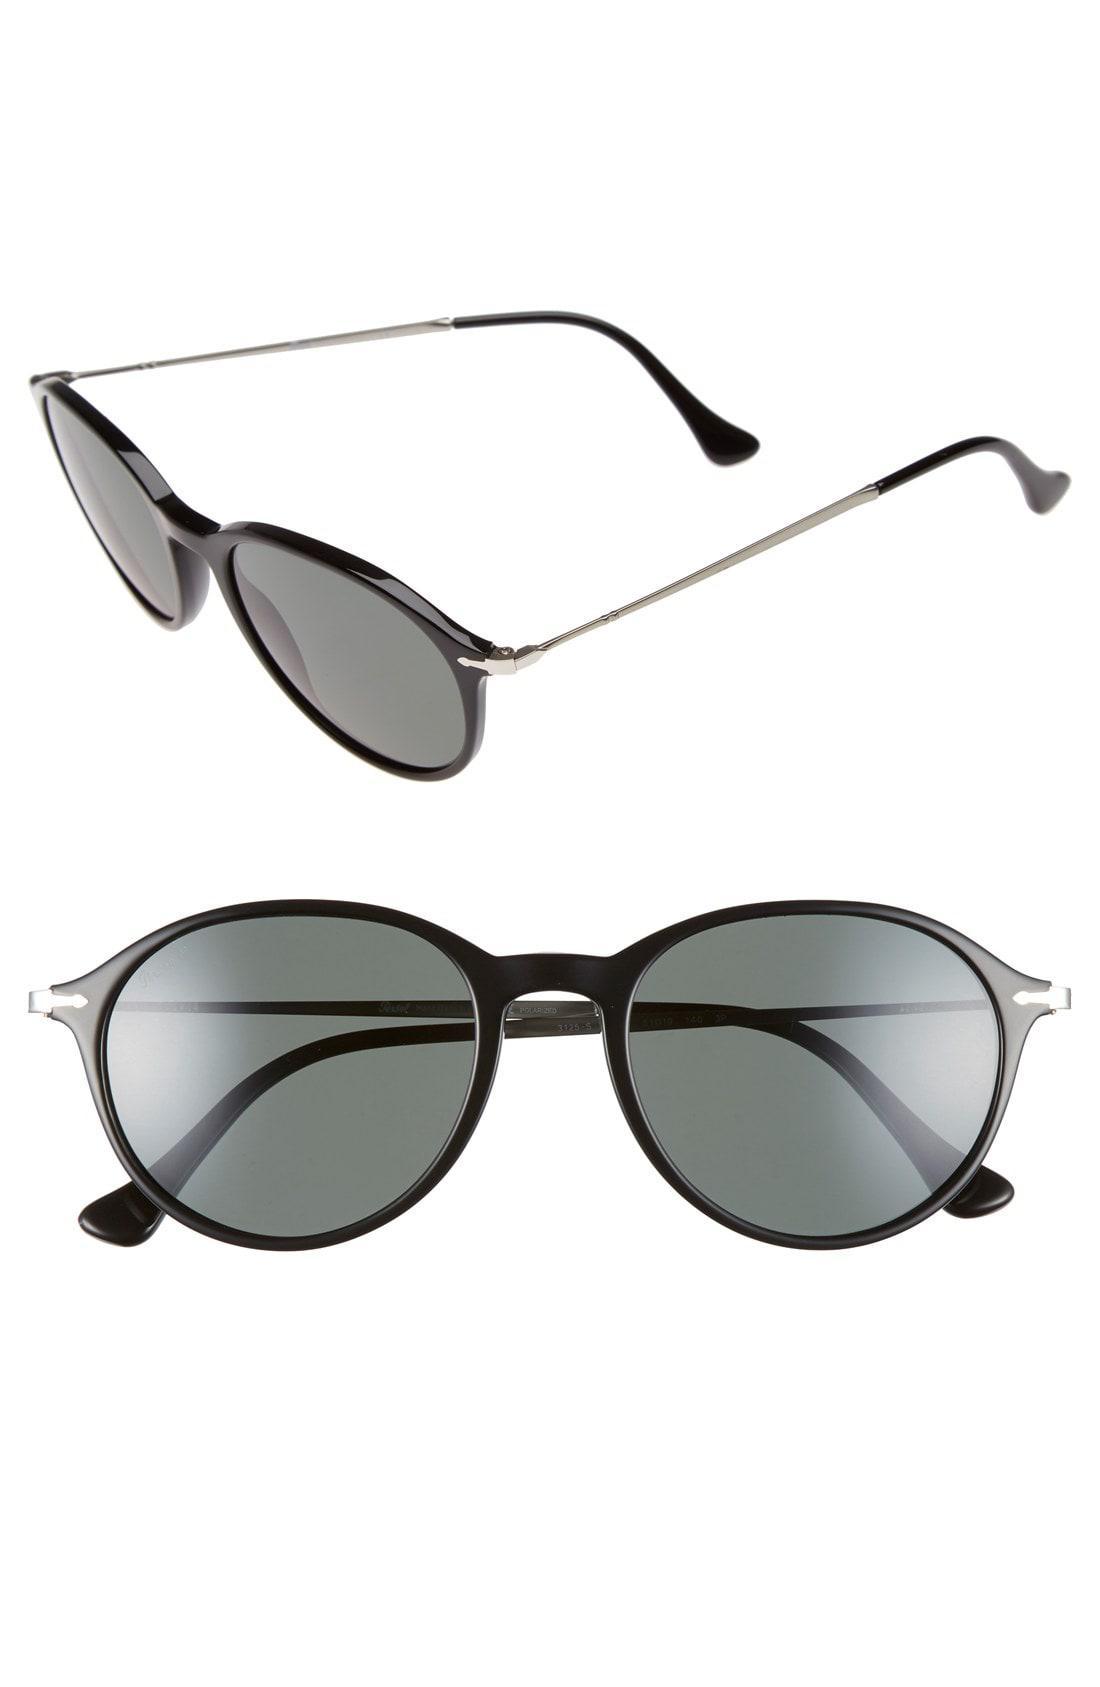 25504f8eedc19e Lyst - Persol 51mm Polarized Sunglasses in Black for Men